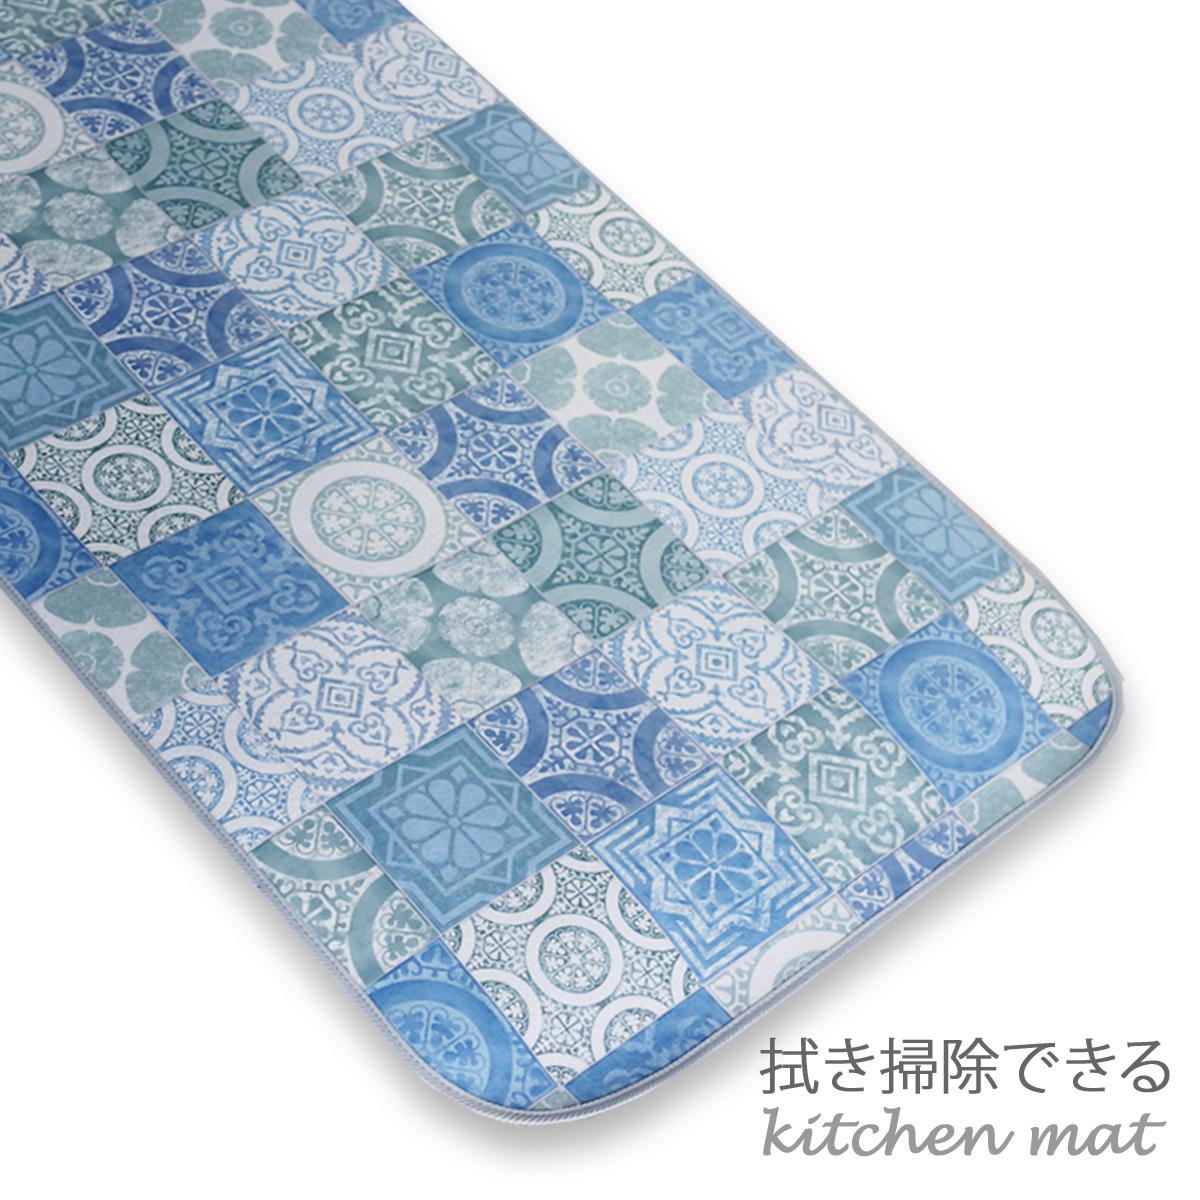 90サイズオーダーキッチンマット アンティークタイル ブルー 60x350cm【送料区分:140サイズ】